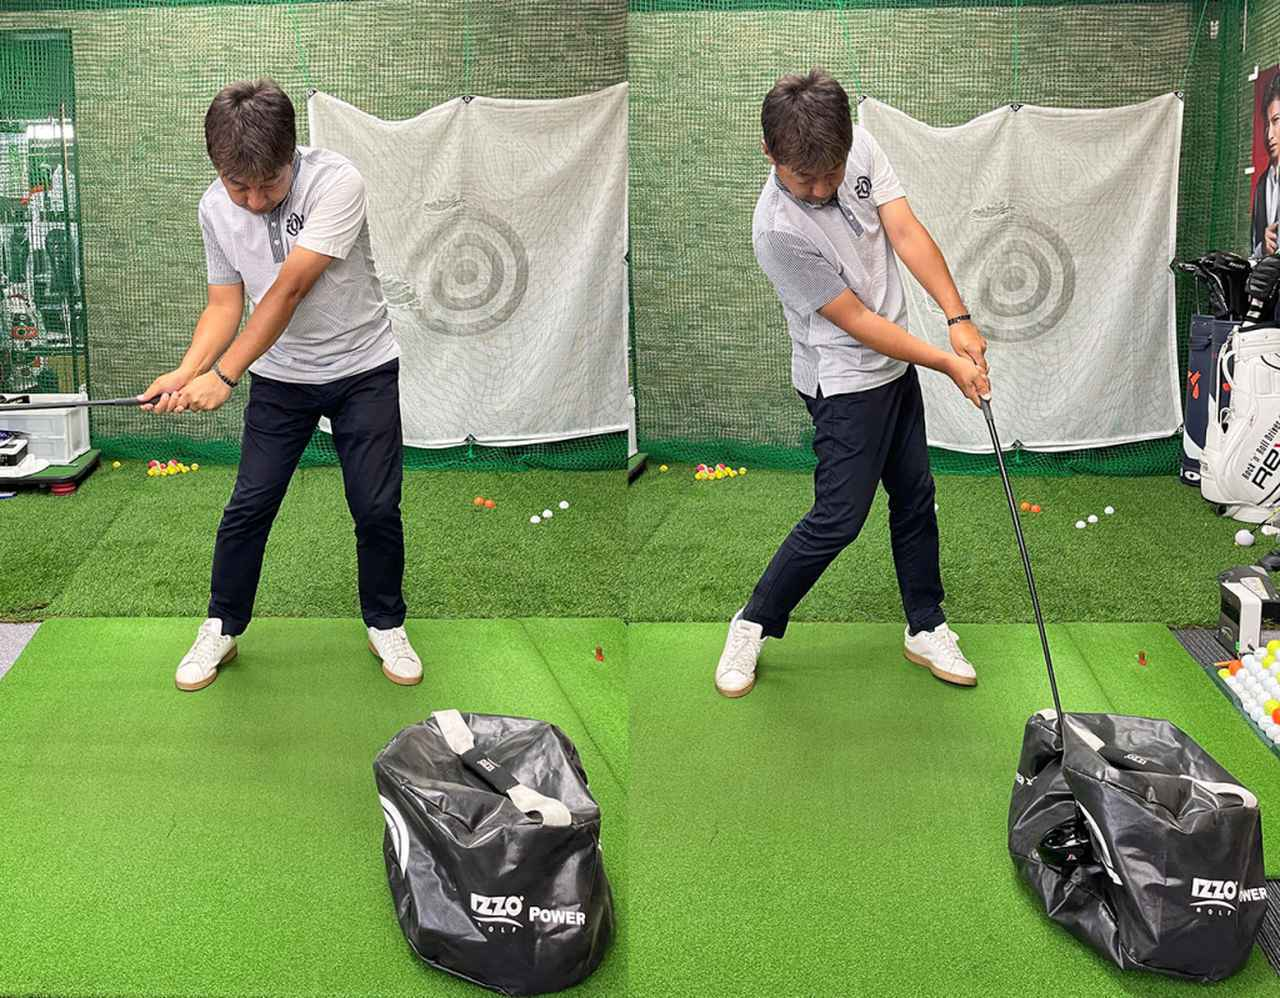 画像: インパクトバッグを横から思いっきりぶっ叩くと大きな円弧で振るイメージが分かりやすい